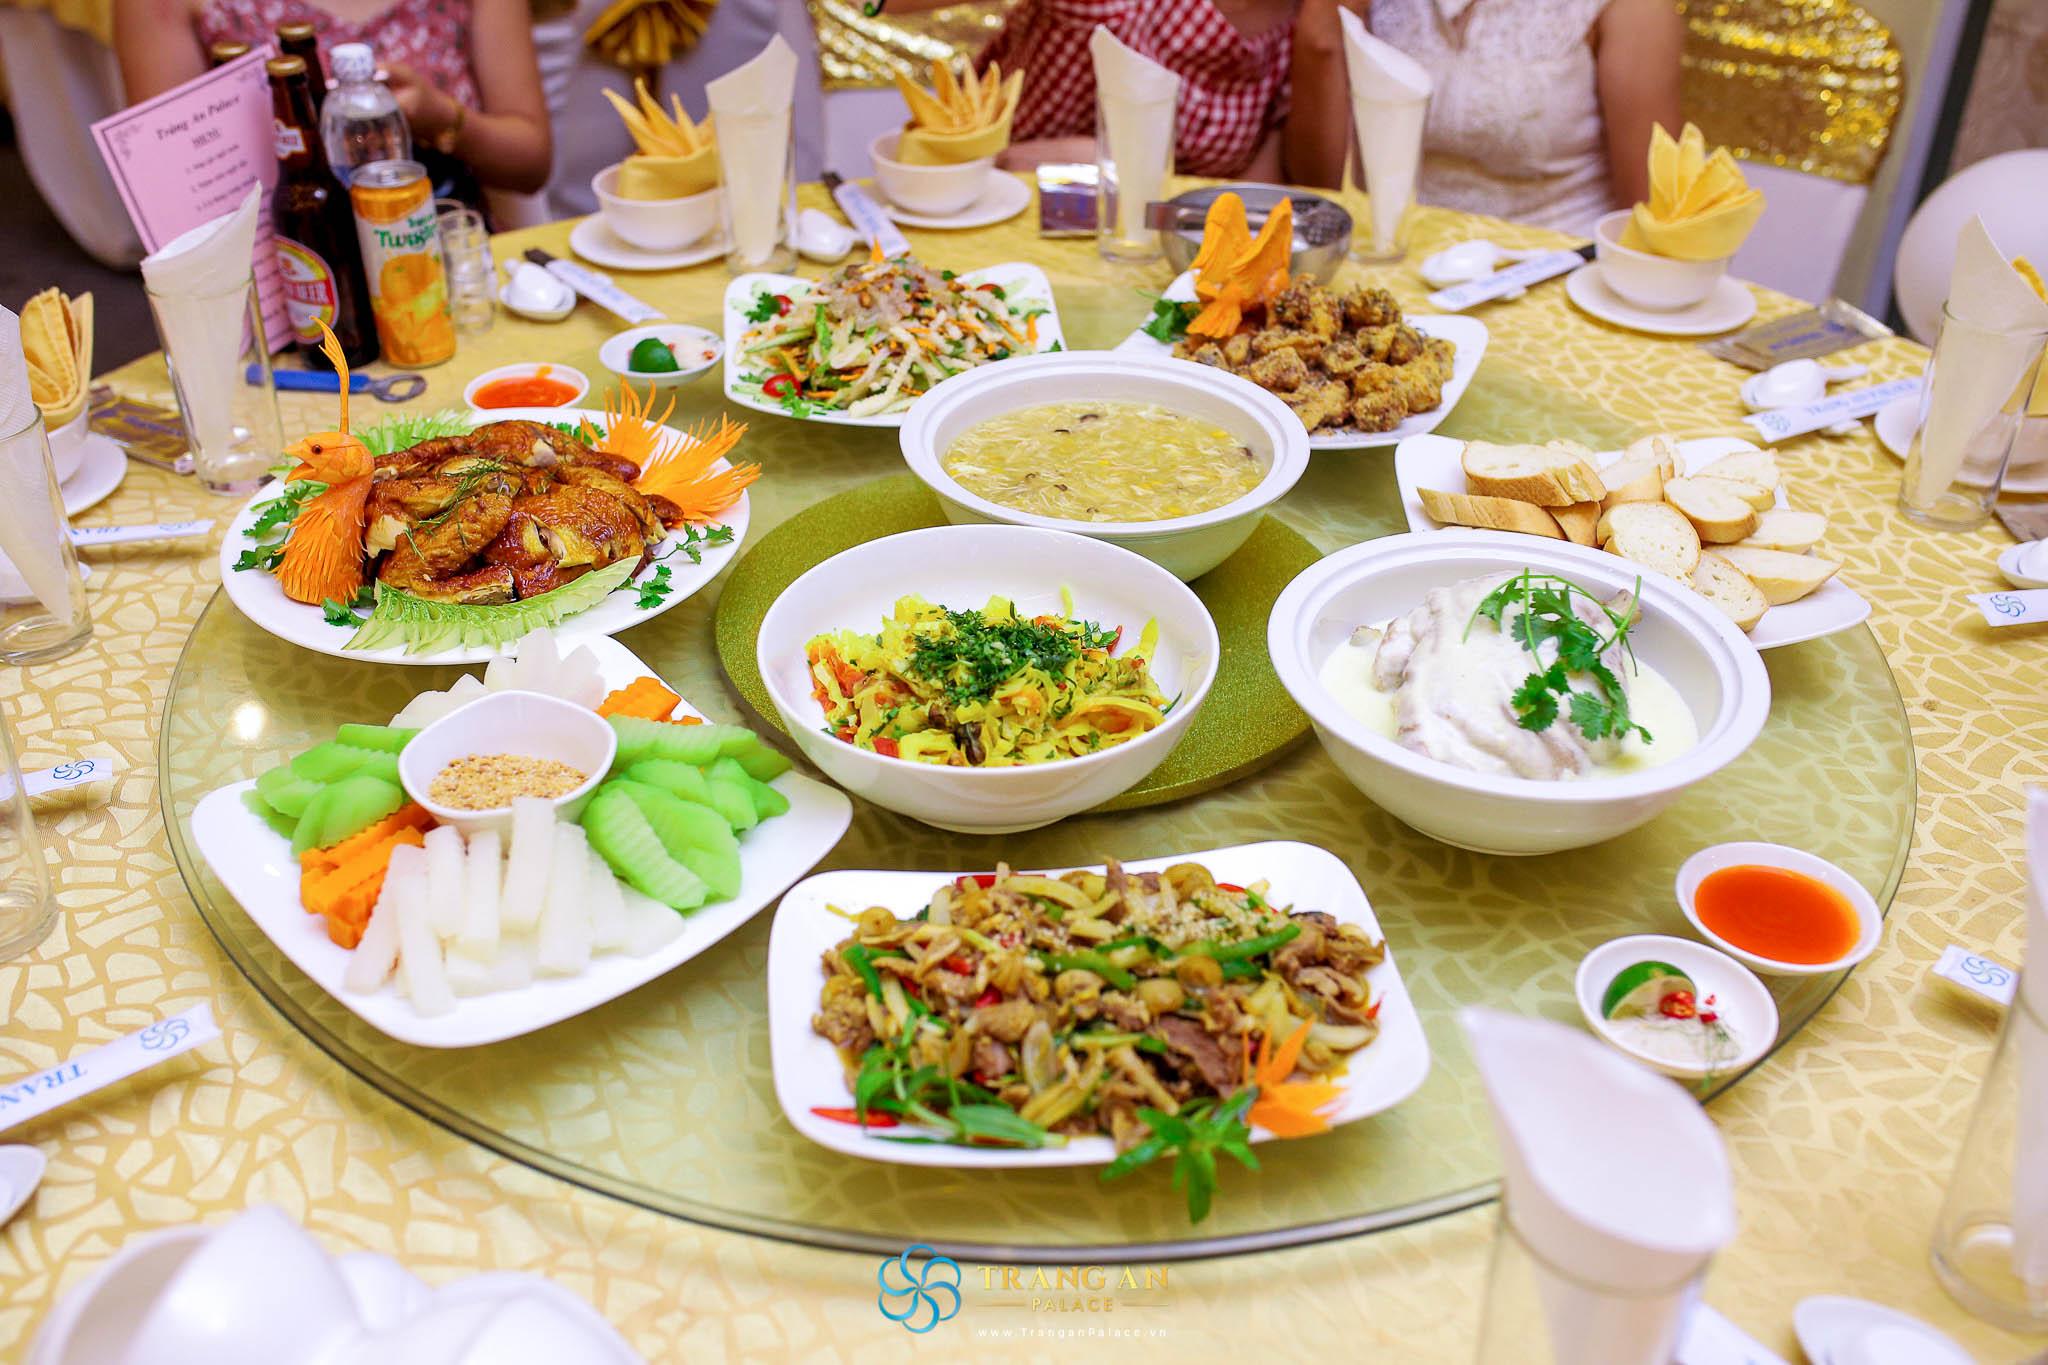 Menu phong phú, đa dạng với hàng trăm món ăn Á - Âu